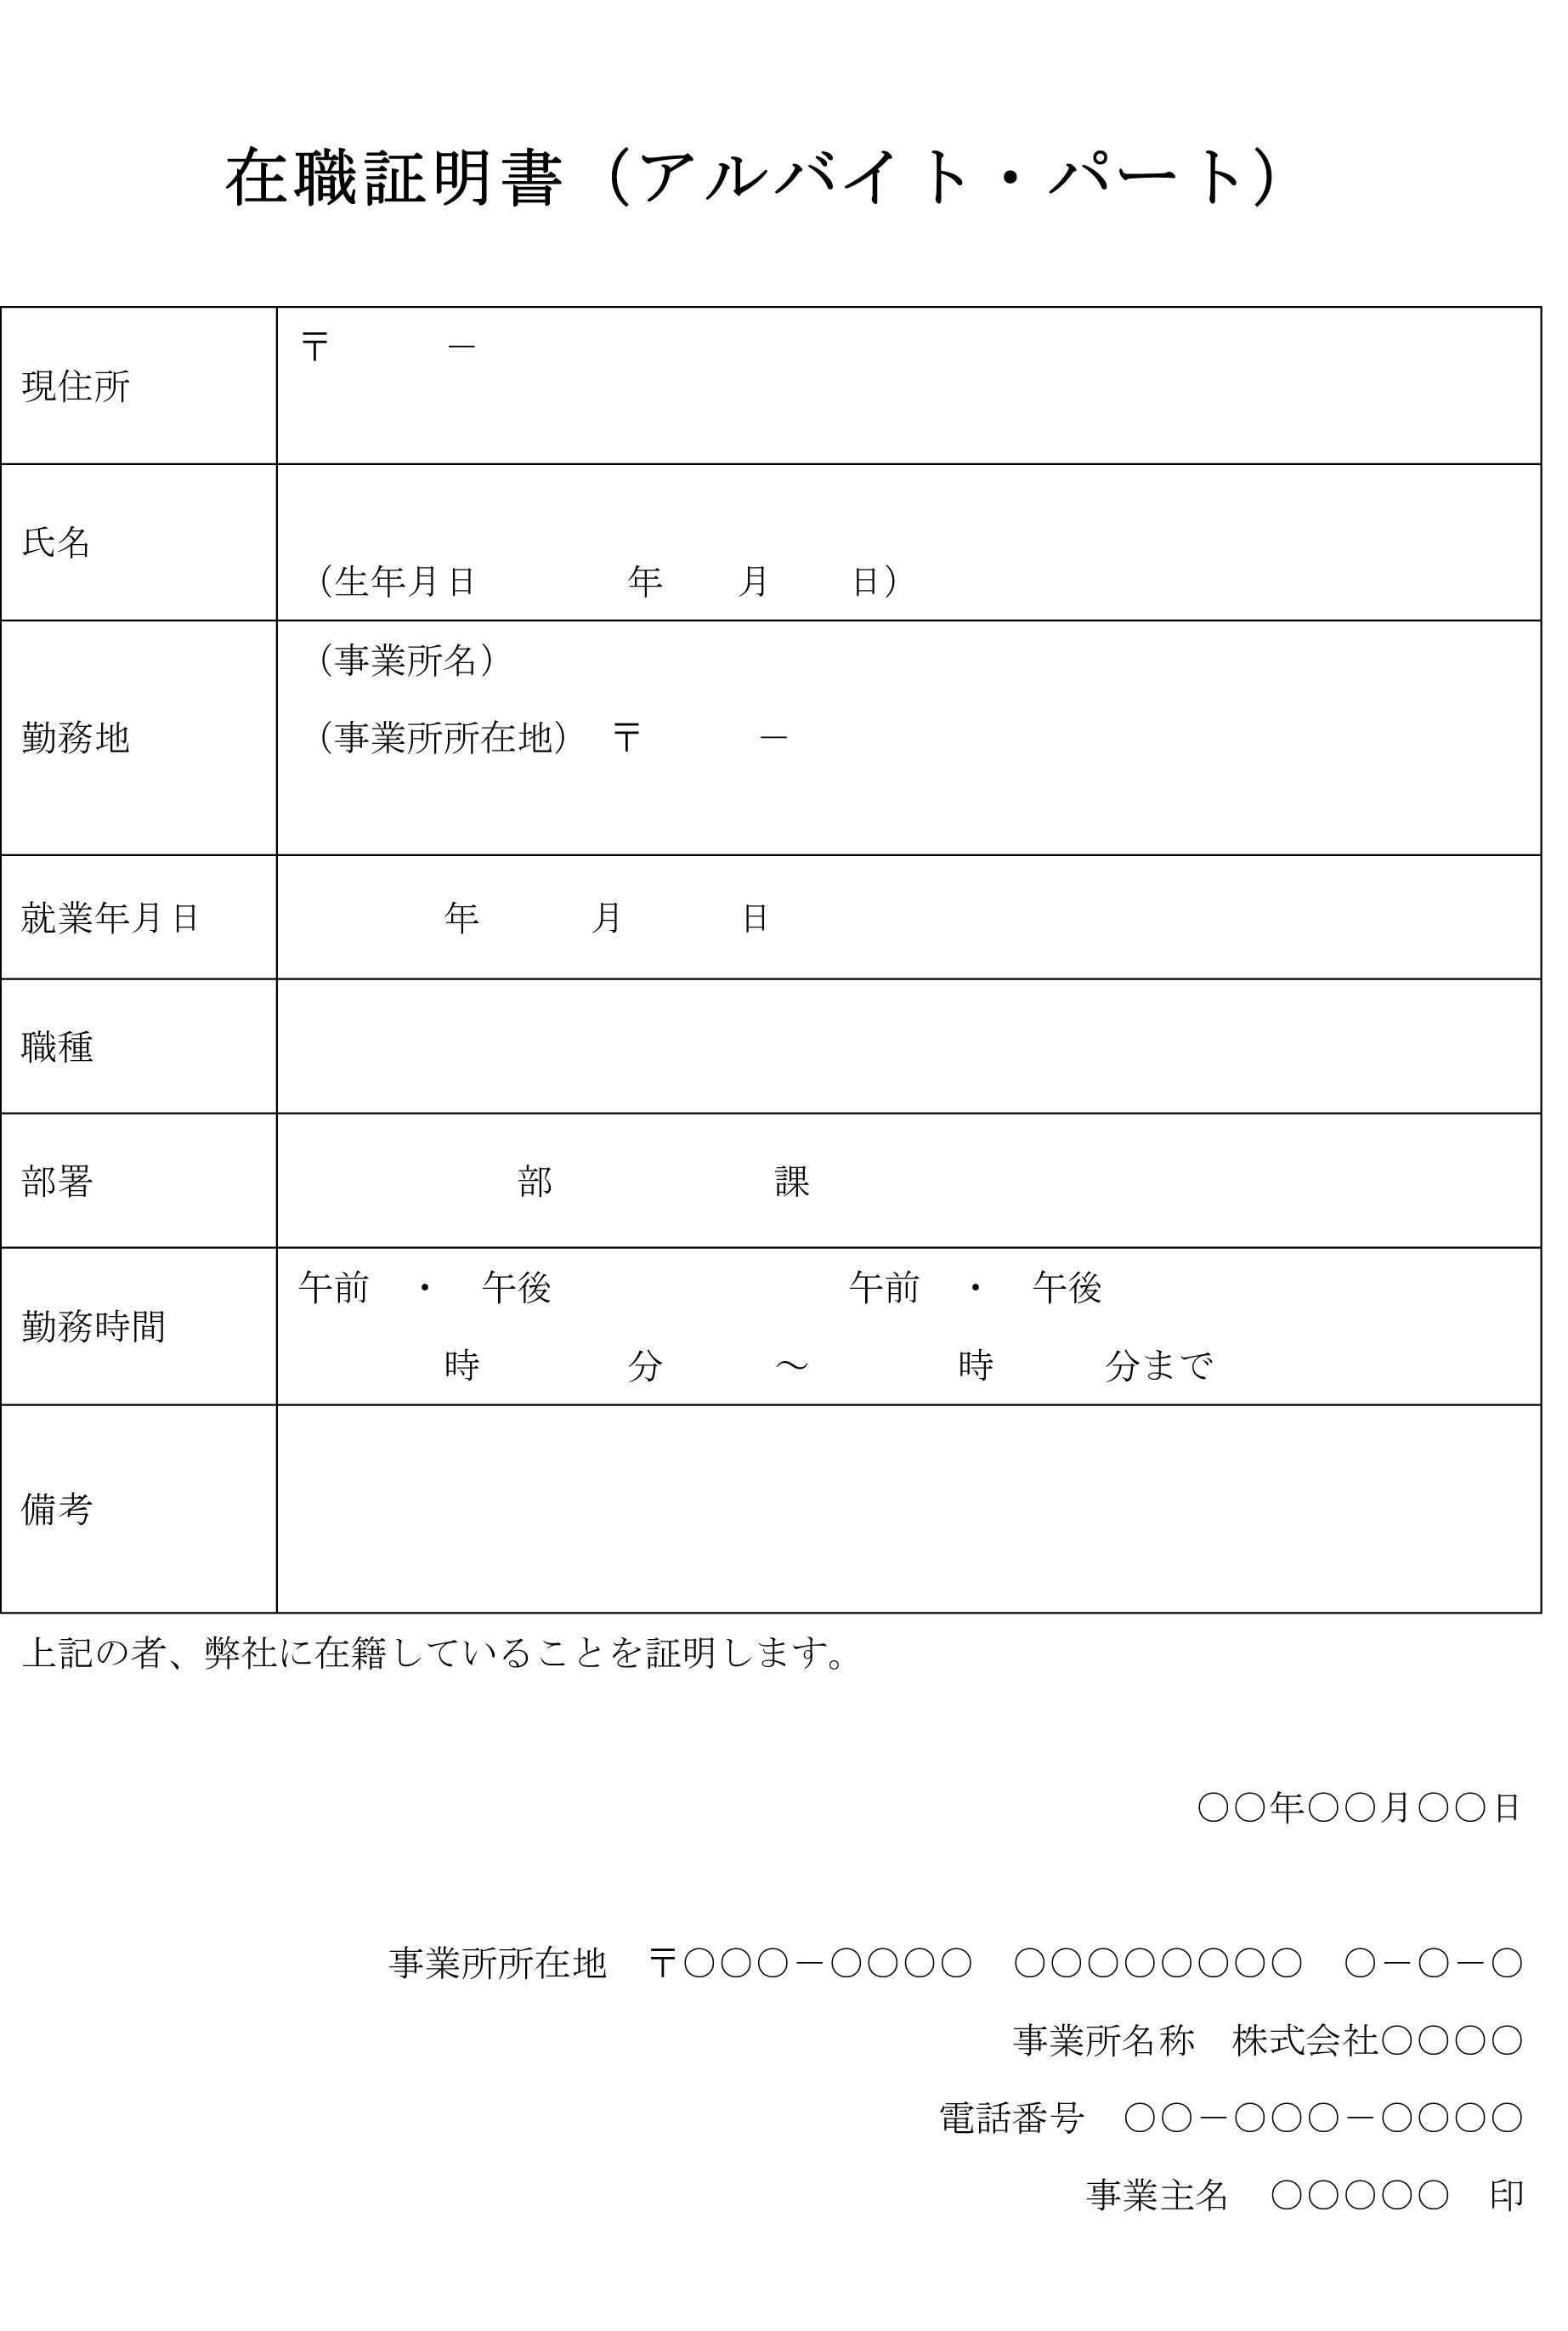 在職証明書(アルバイト・パート)